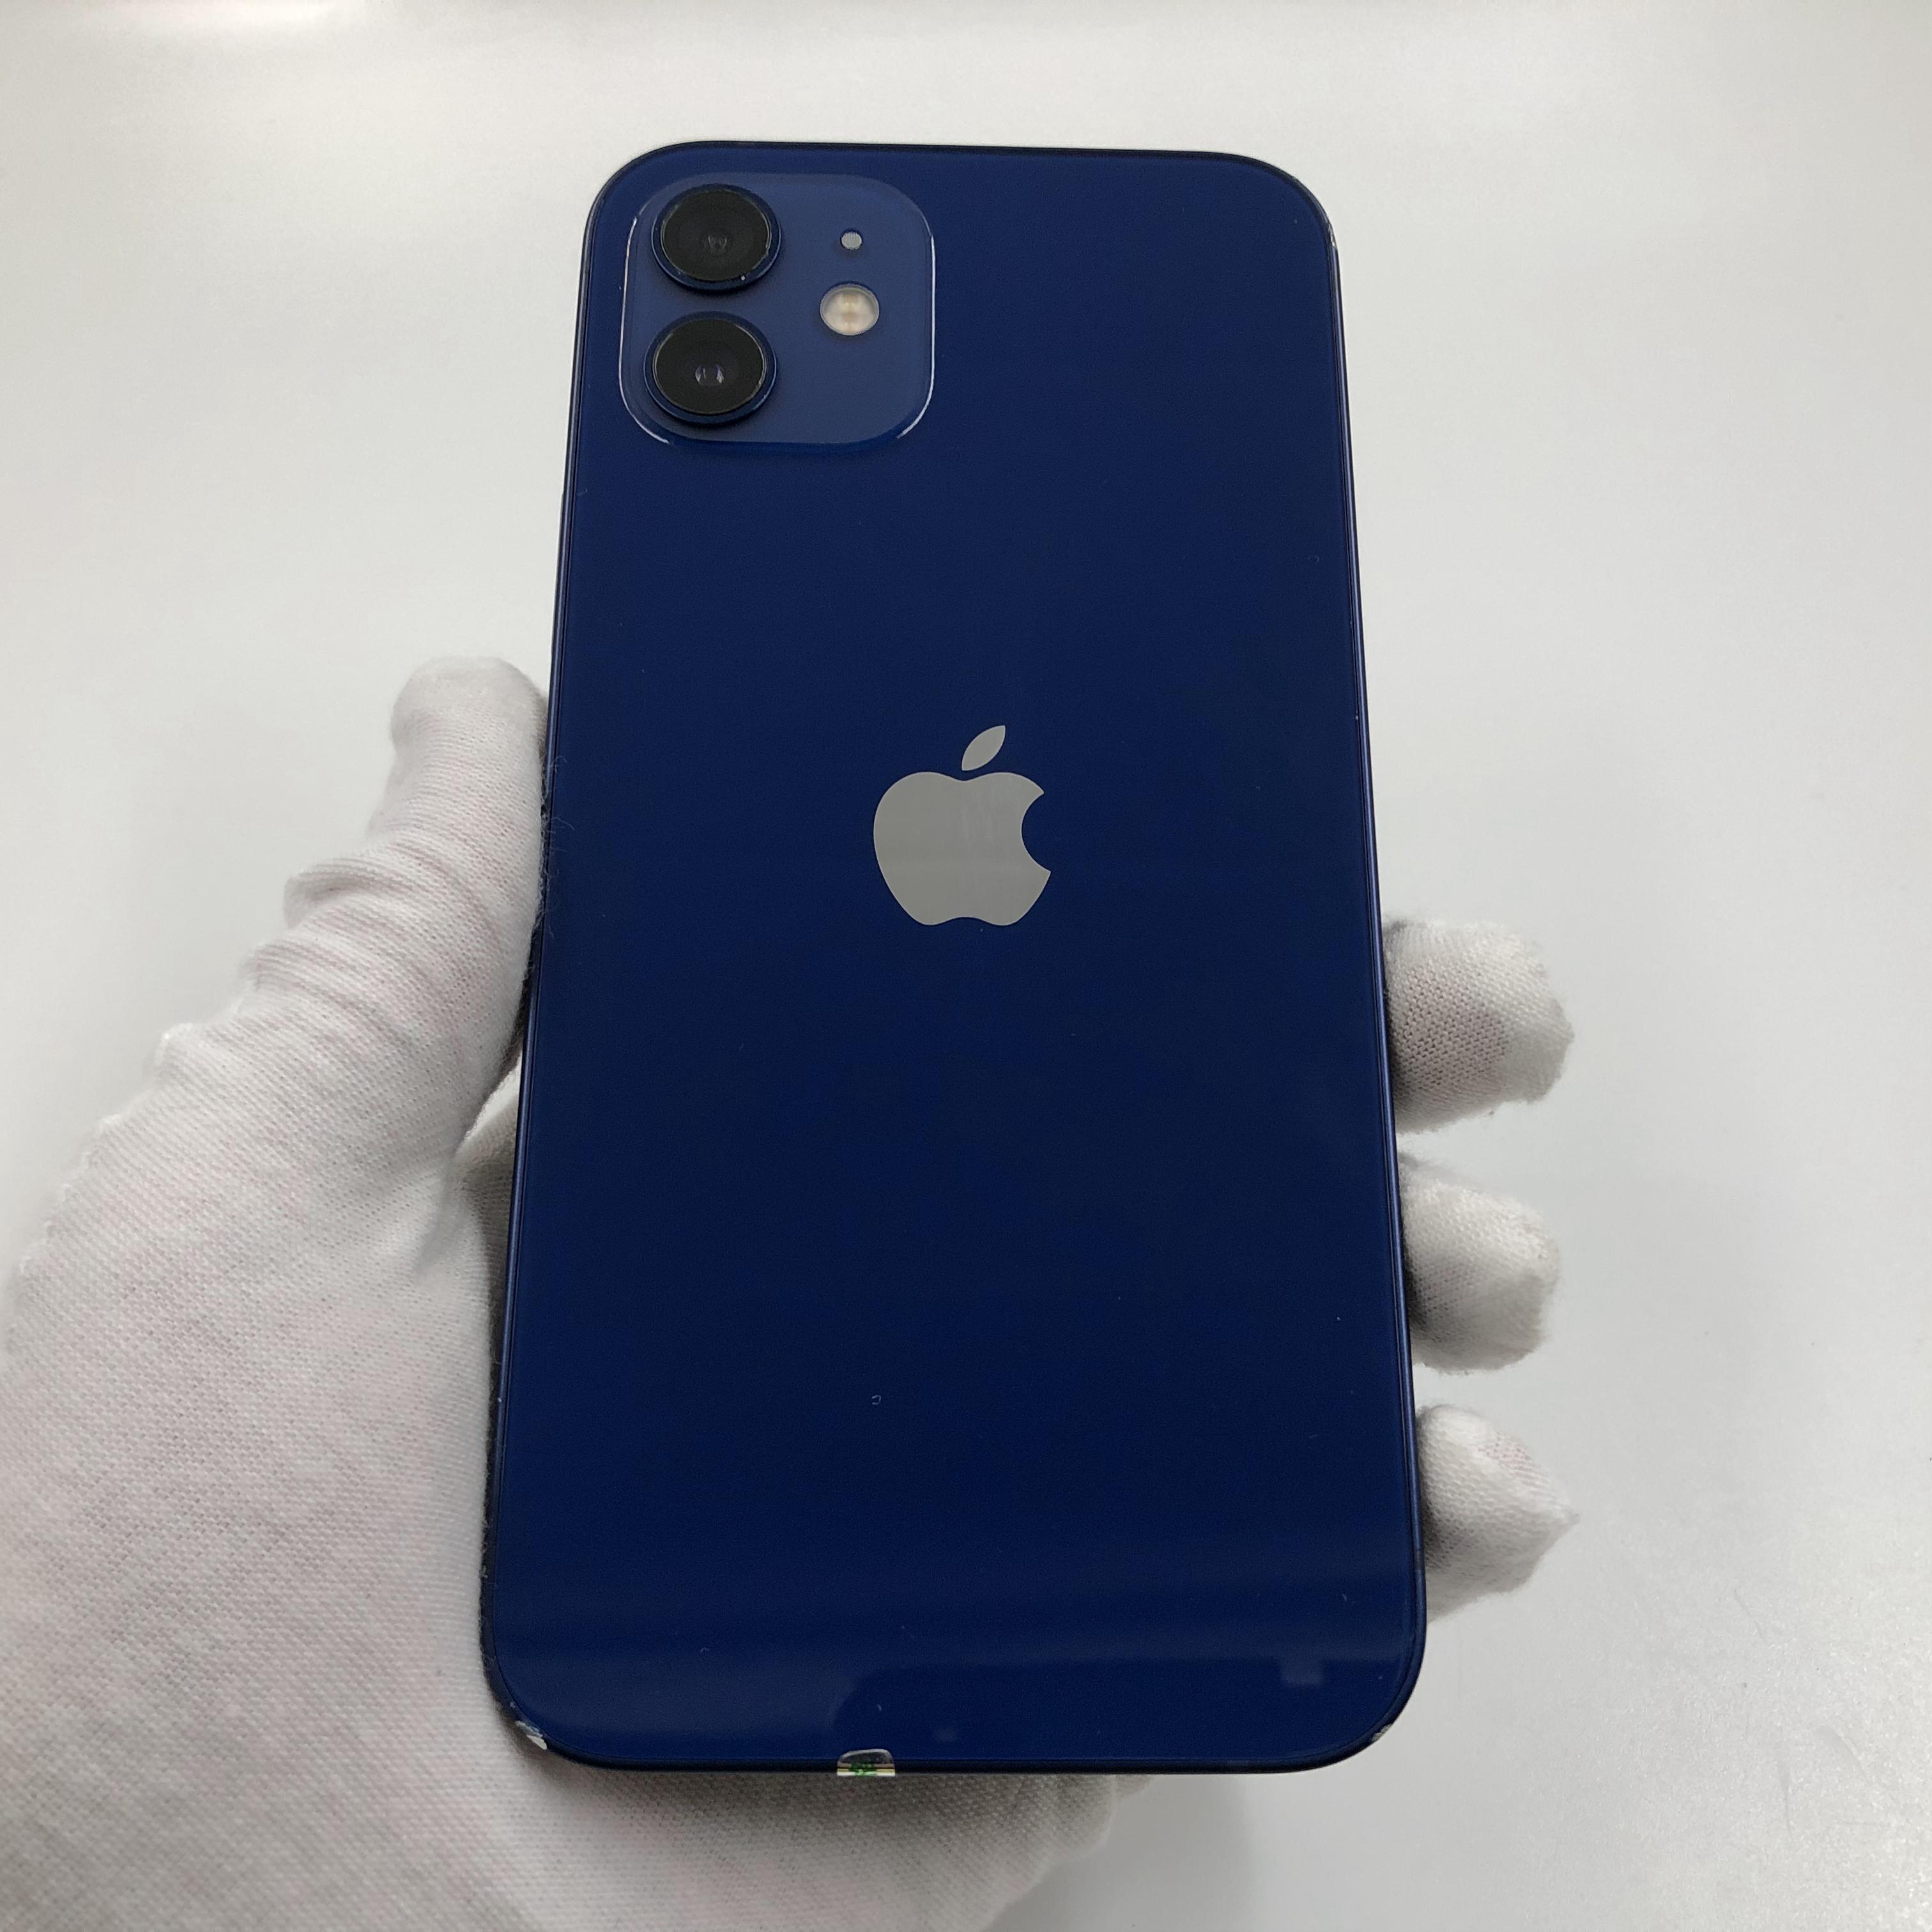 苹果【iPhone 12】5G全网通 蓝色 64G 国行 8成新 真机实拍官保2021-11-10